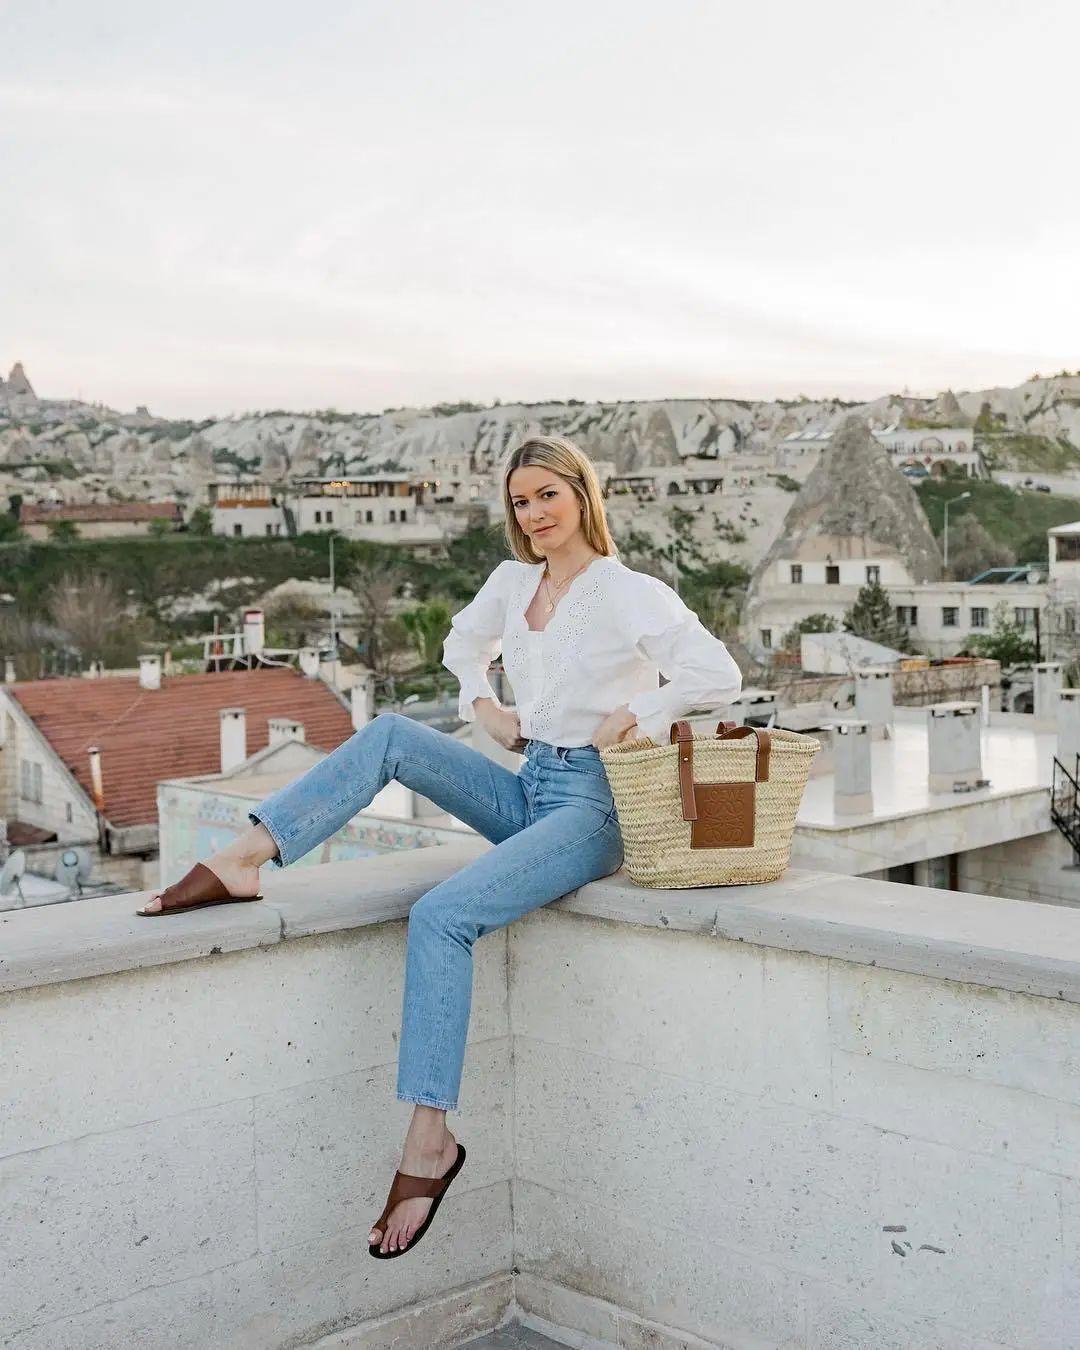 Áo blouse + quần jeans: Combo giúp nàng công sở trông sang như gái Pháp trong ngày Thu - Ảnh 16.